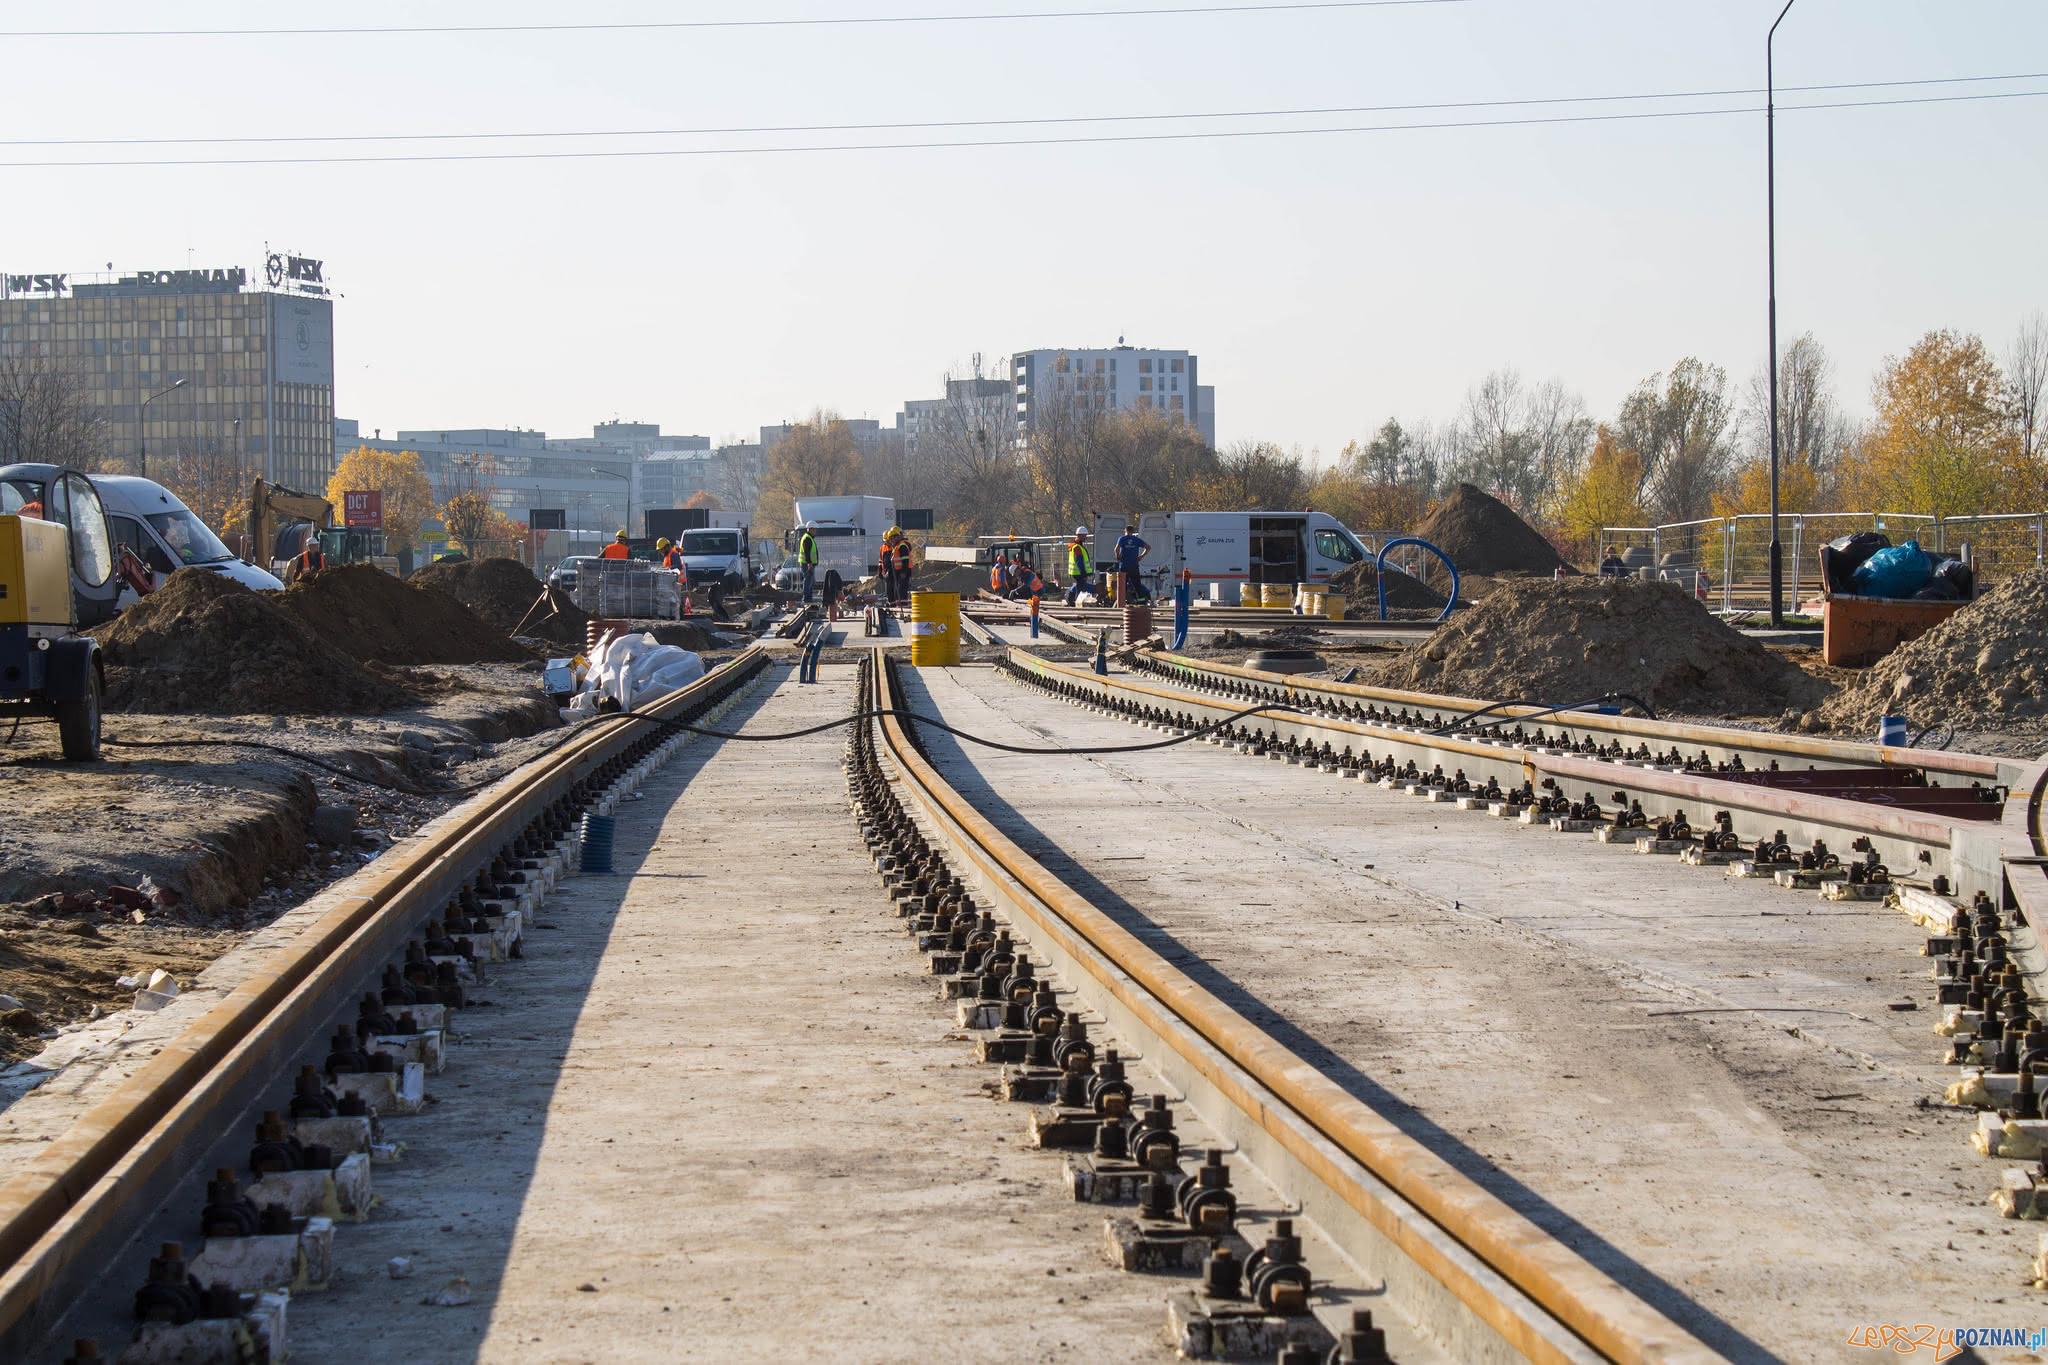 Budowa trasy tramwajowej odcinka trasy od ronda Żegrze do ul. Unii Lubelskiej - listopad 2018  Foto: PIM